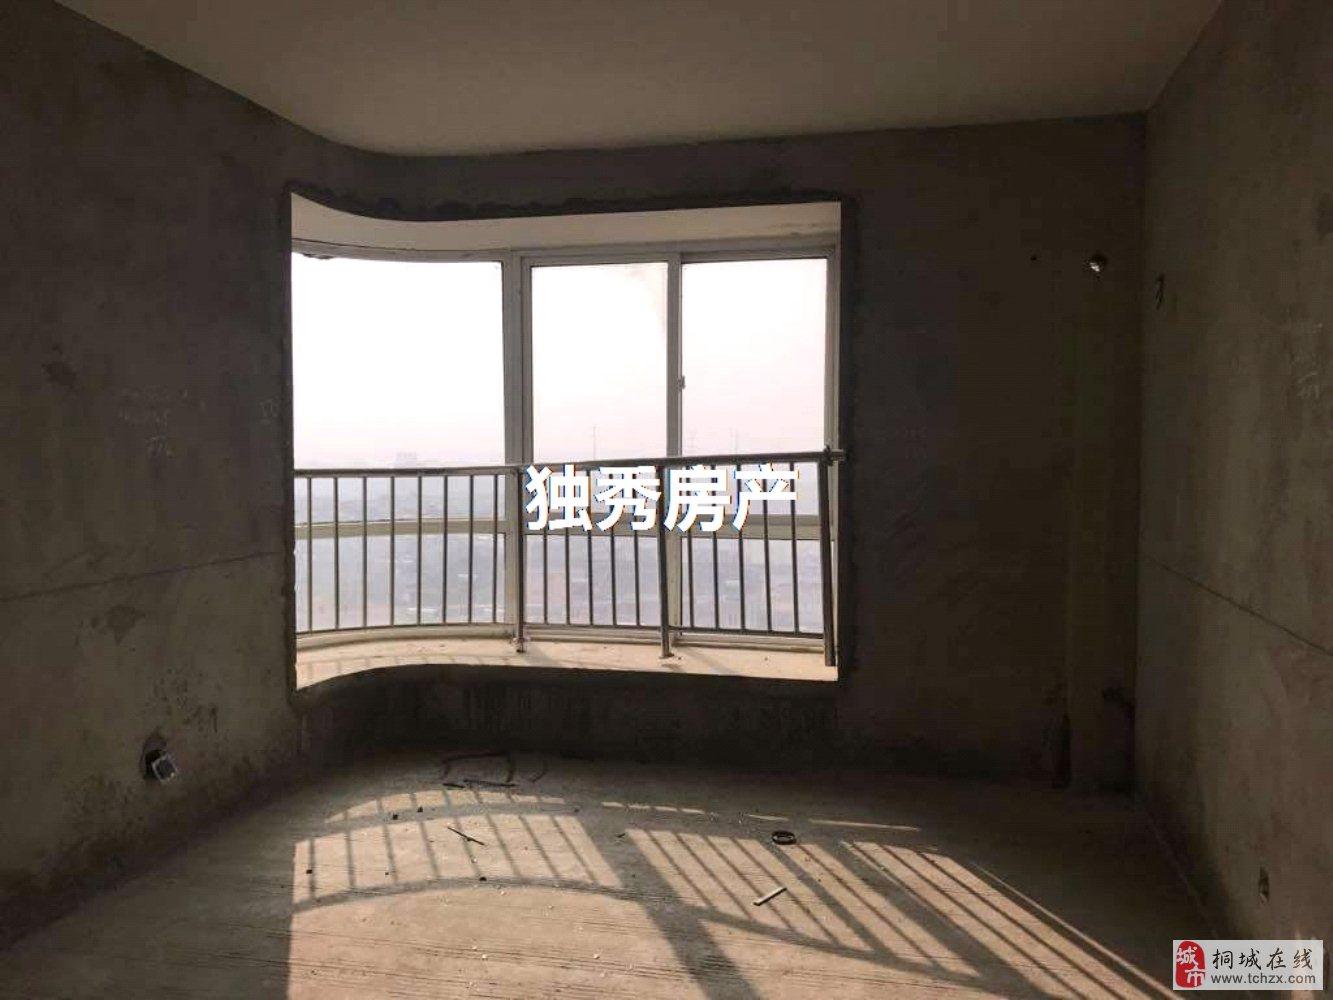 龙腾锦绣城电梯毛坯3室2厅2卫68万元